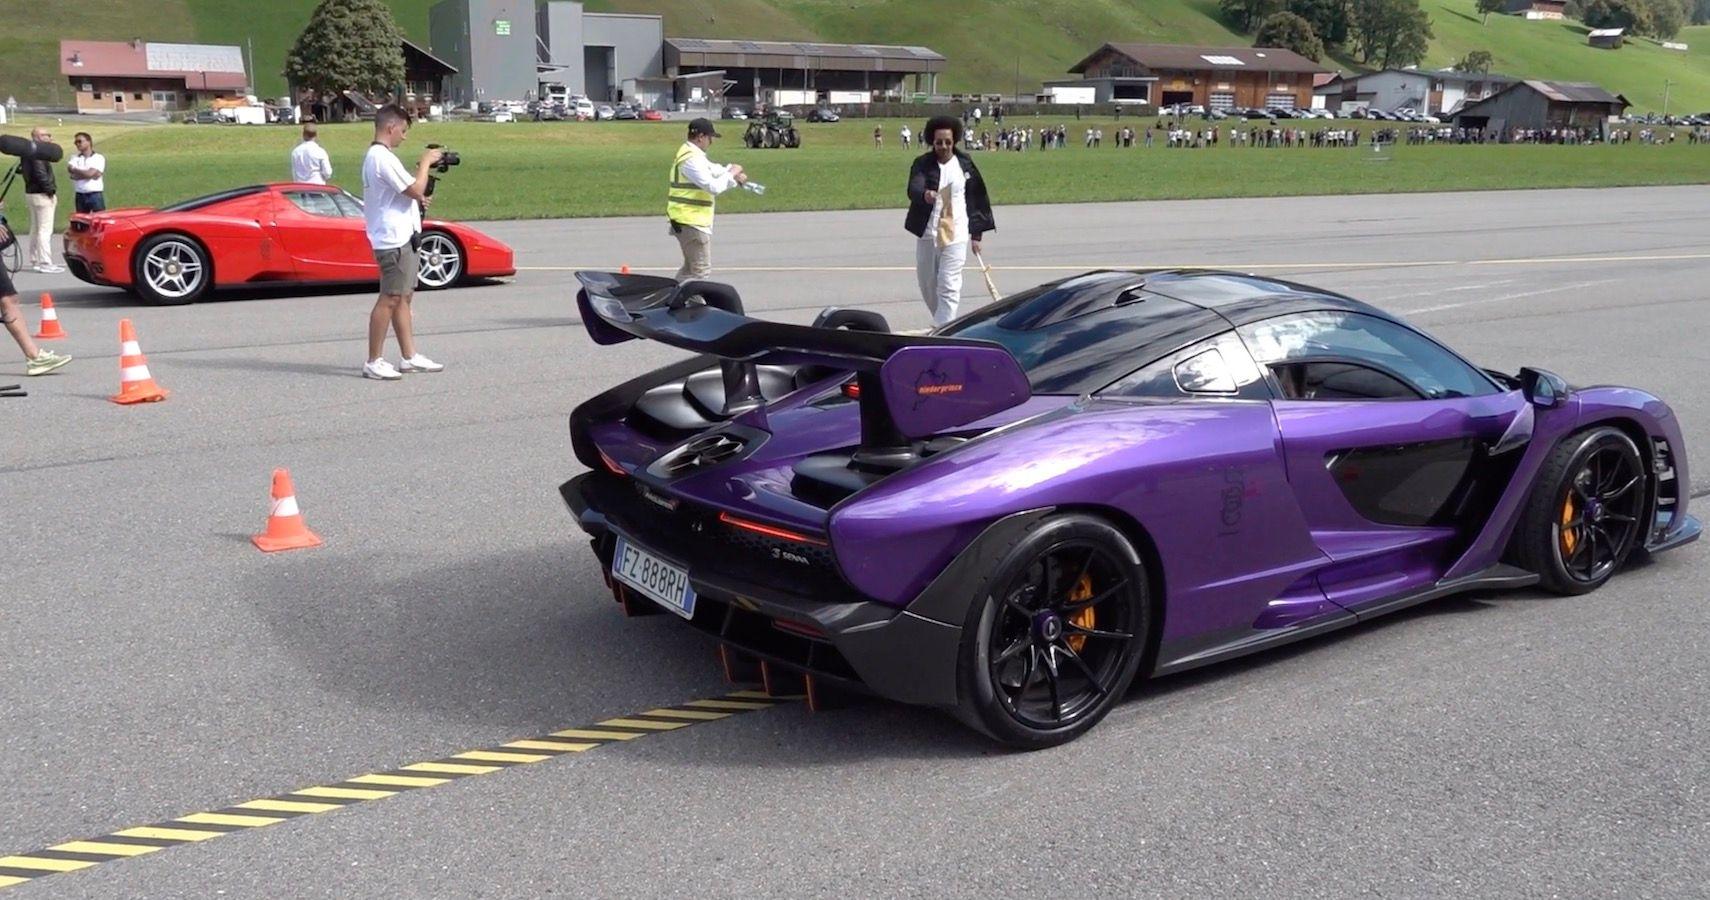 Supercar Battle Royale: Ferrari Enzo Vs McLaren Senna Vs Ferrari LaFerrari Drag Race